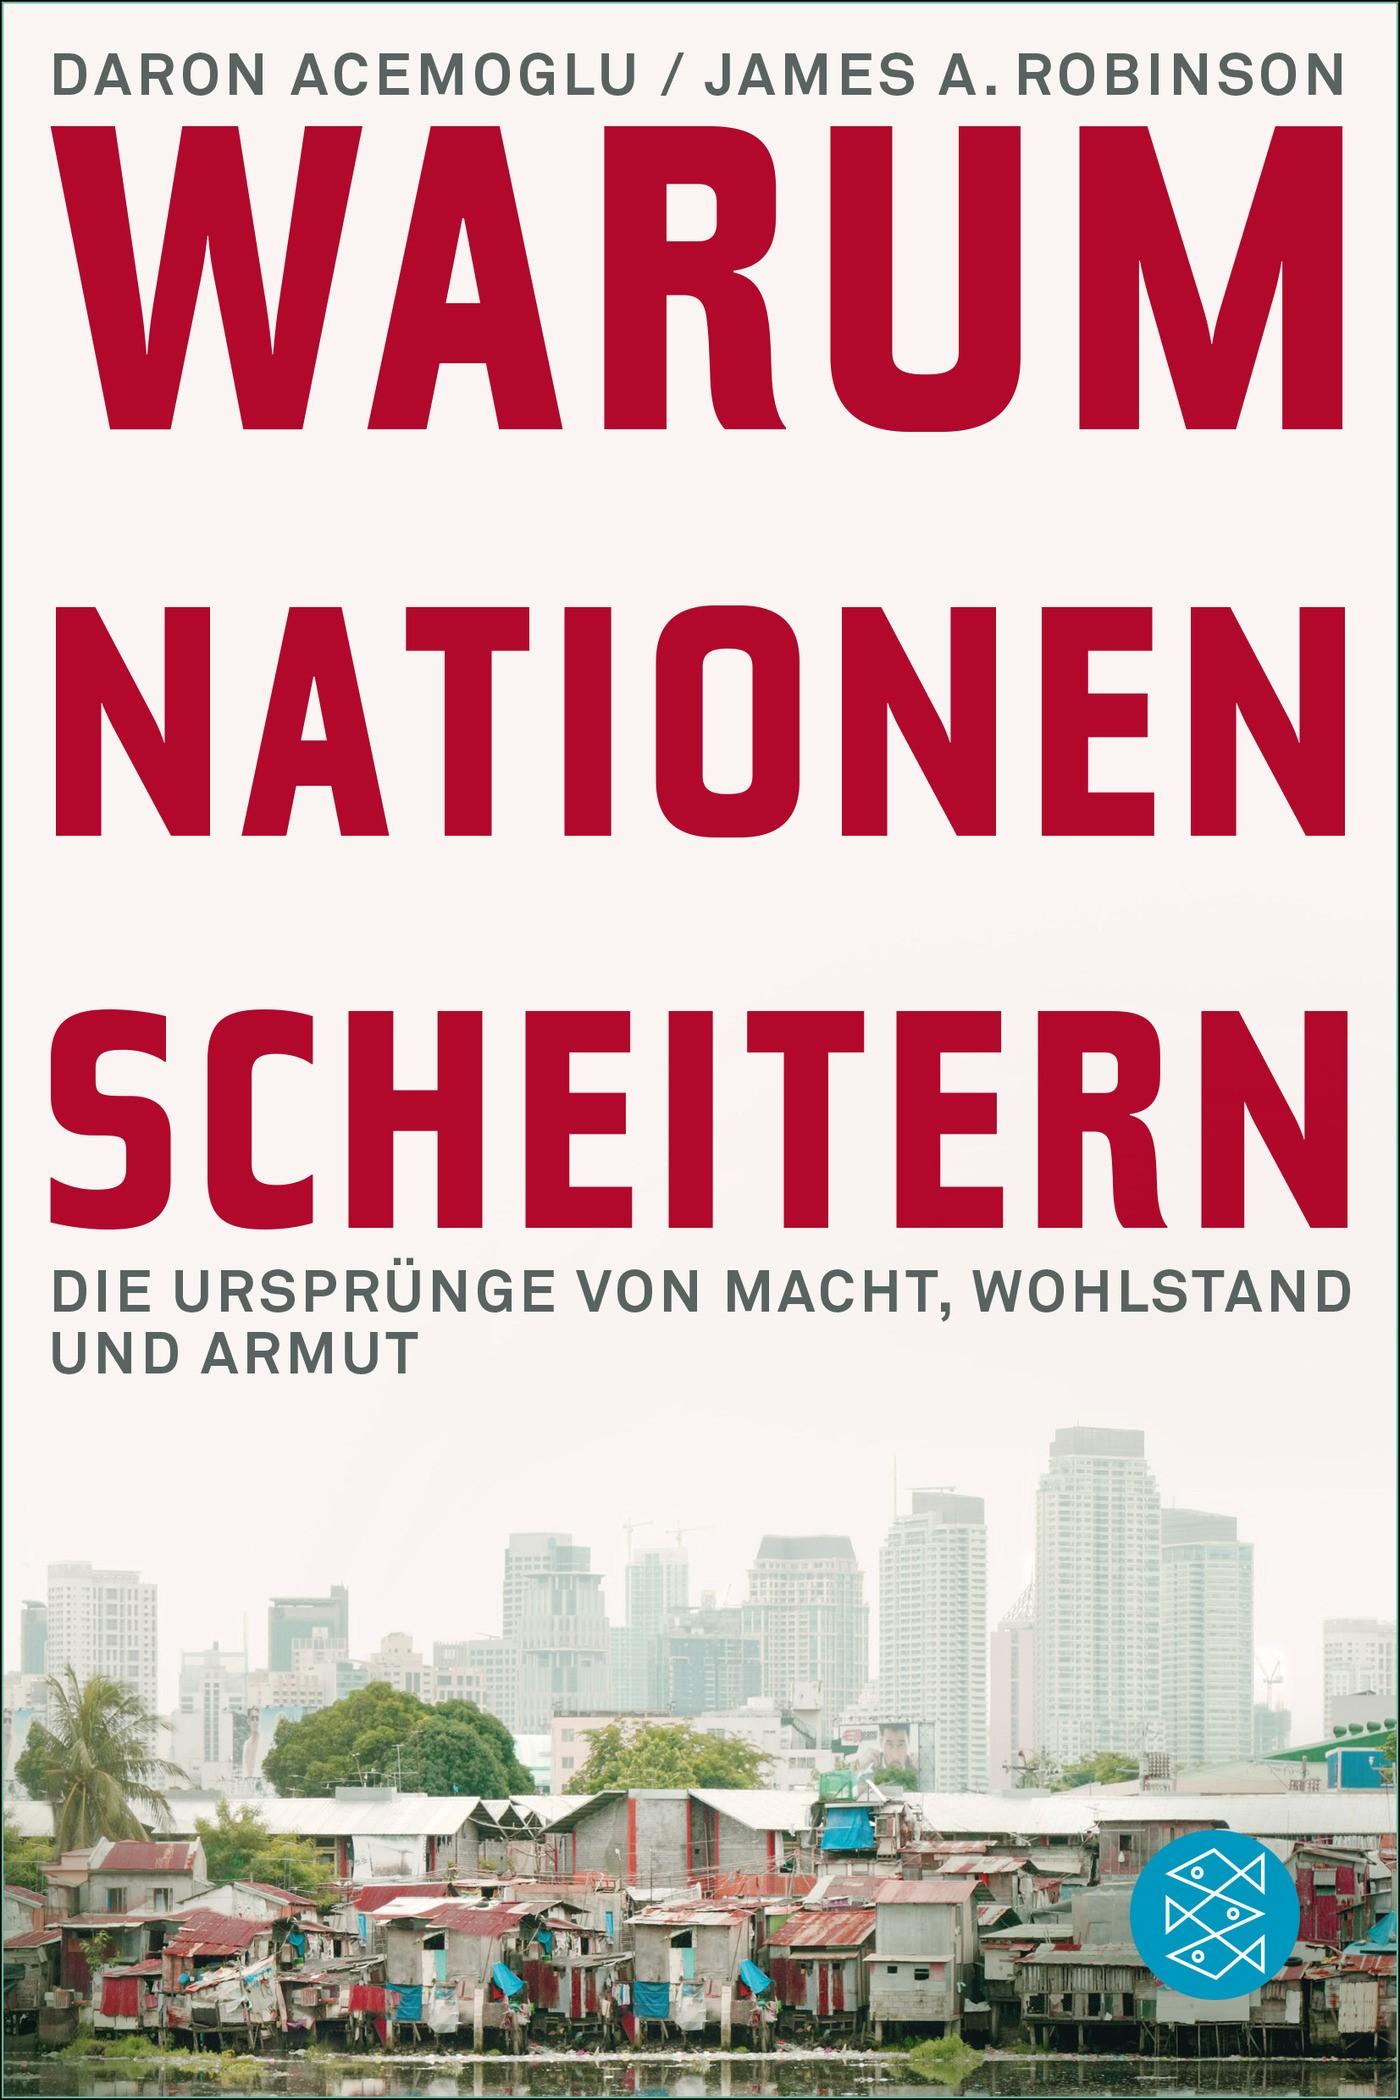 Warum Nationen scheitern | Acemoglu / Robinson, 2014 | Buch (Cover)